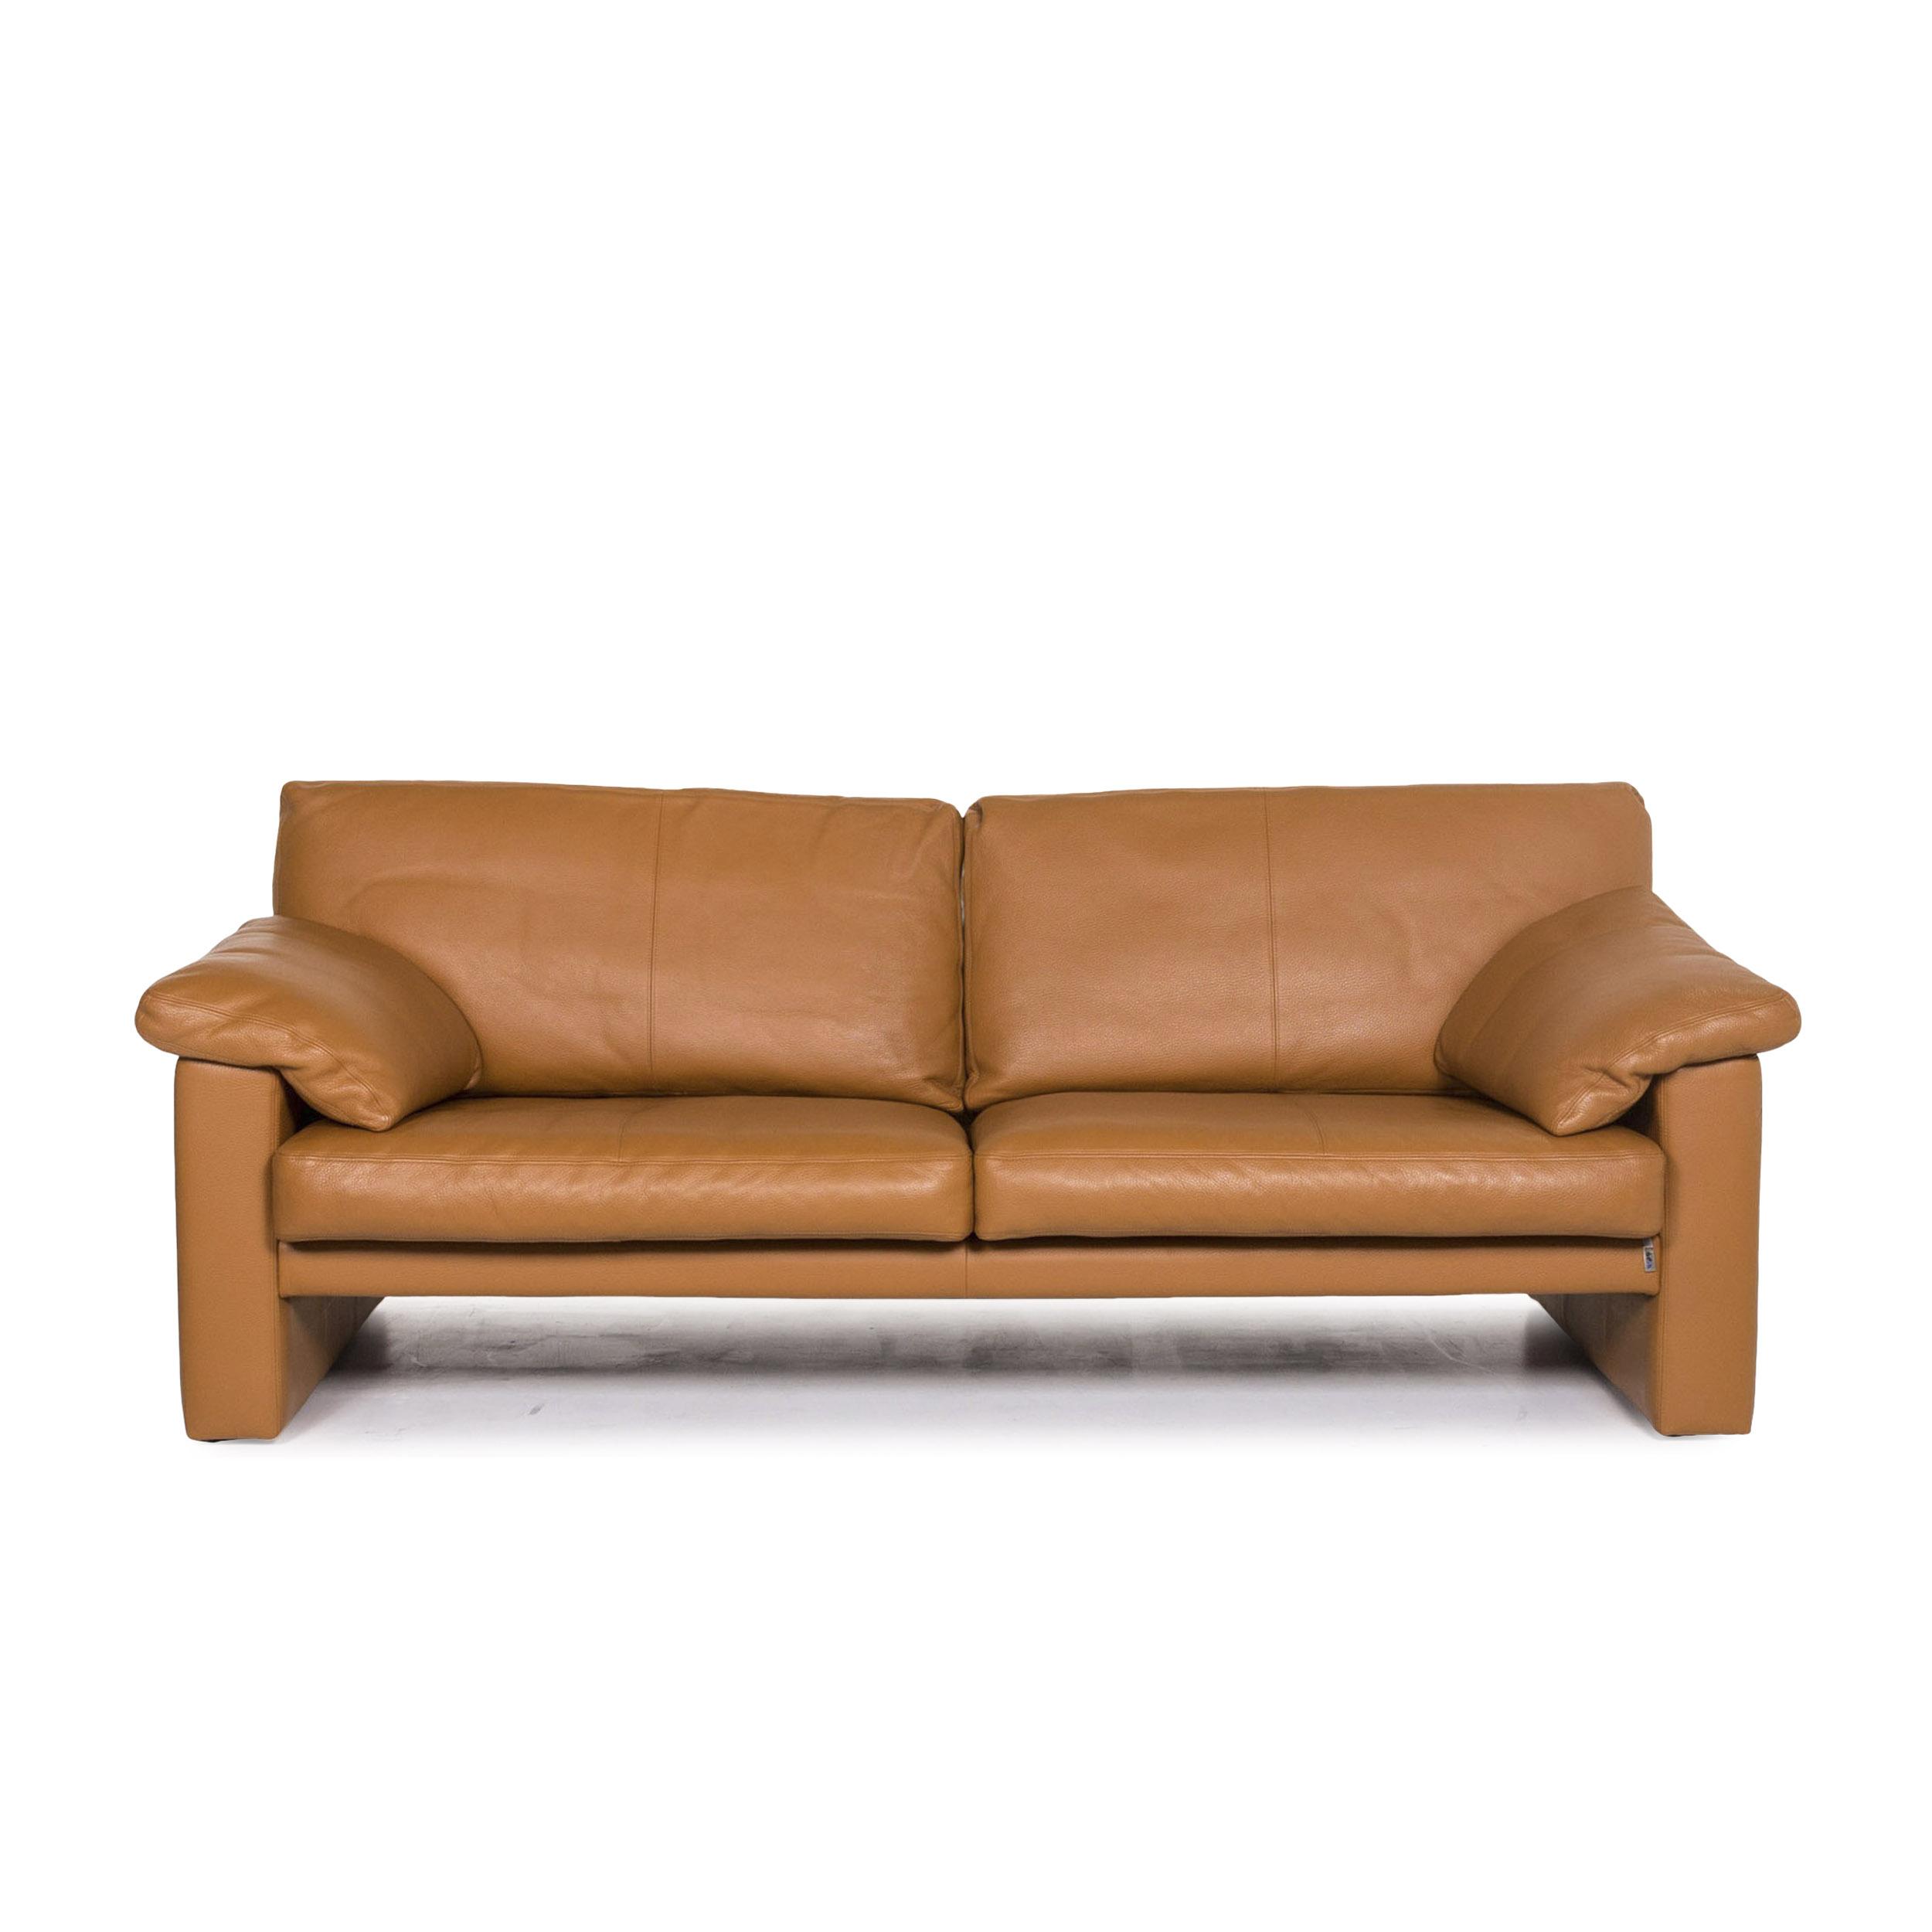 Full Size of Erpo Leder Sofa Cognac Braun Zweisitzer Couch 12217 Revive Interior De Sede Home Affaire Big Liege Lila Mit Hocker Indomo Brühl Abnehmbarer Bezug Rahaus Sofa Sofa Cognac